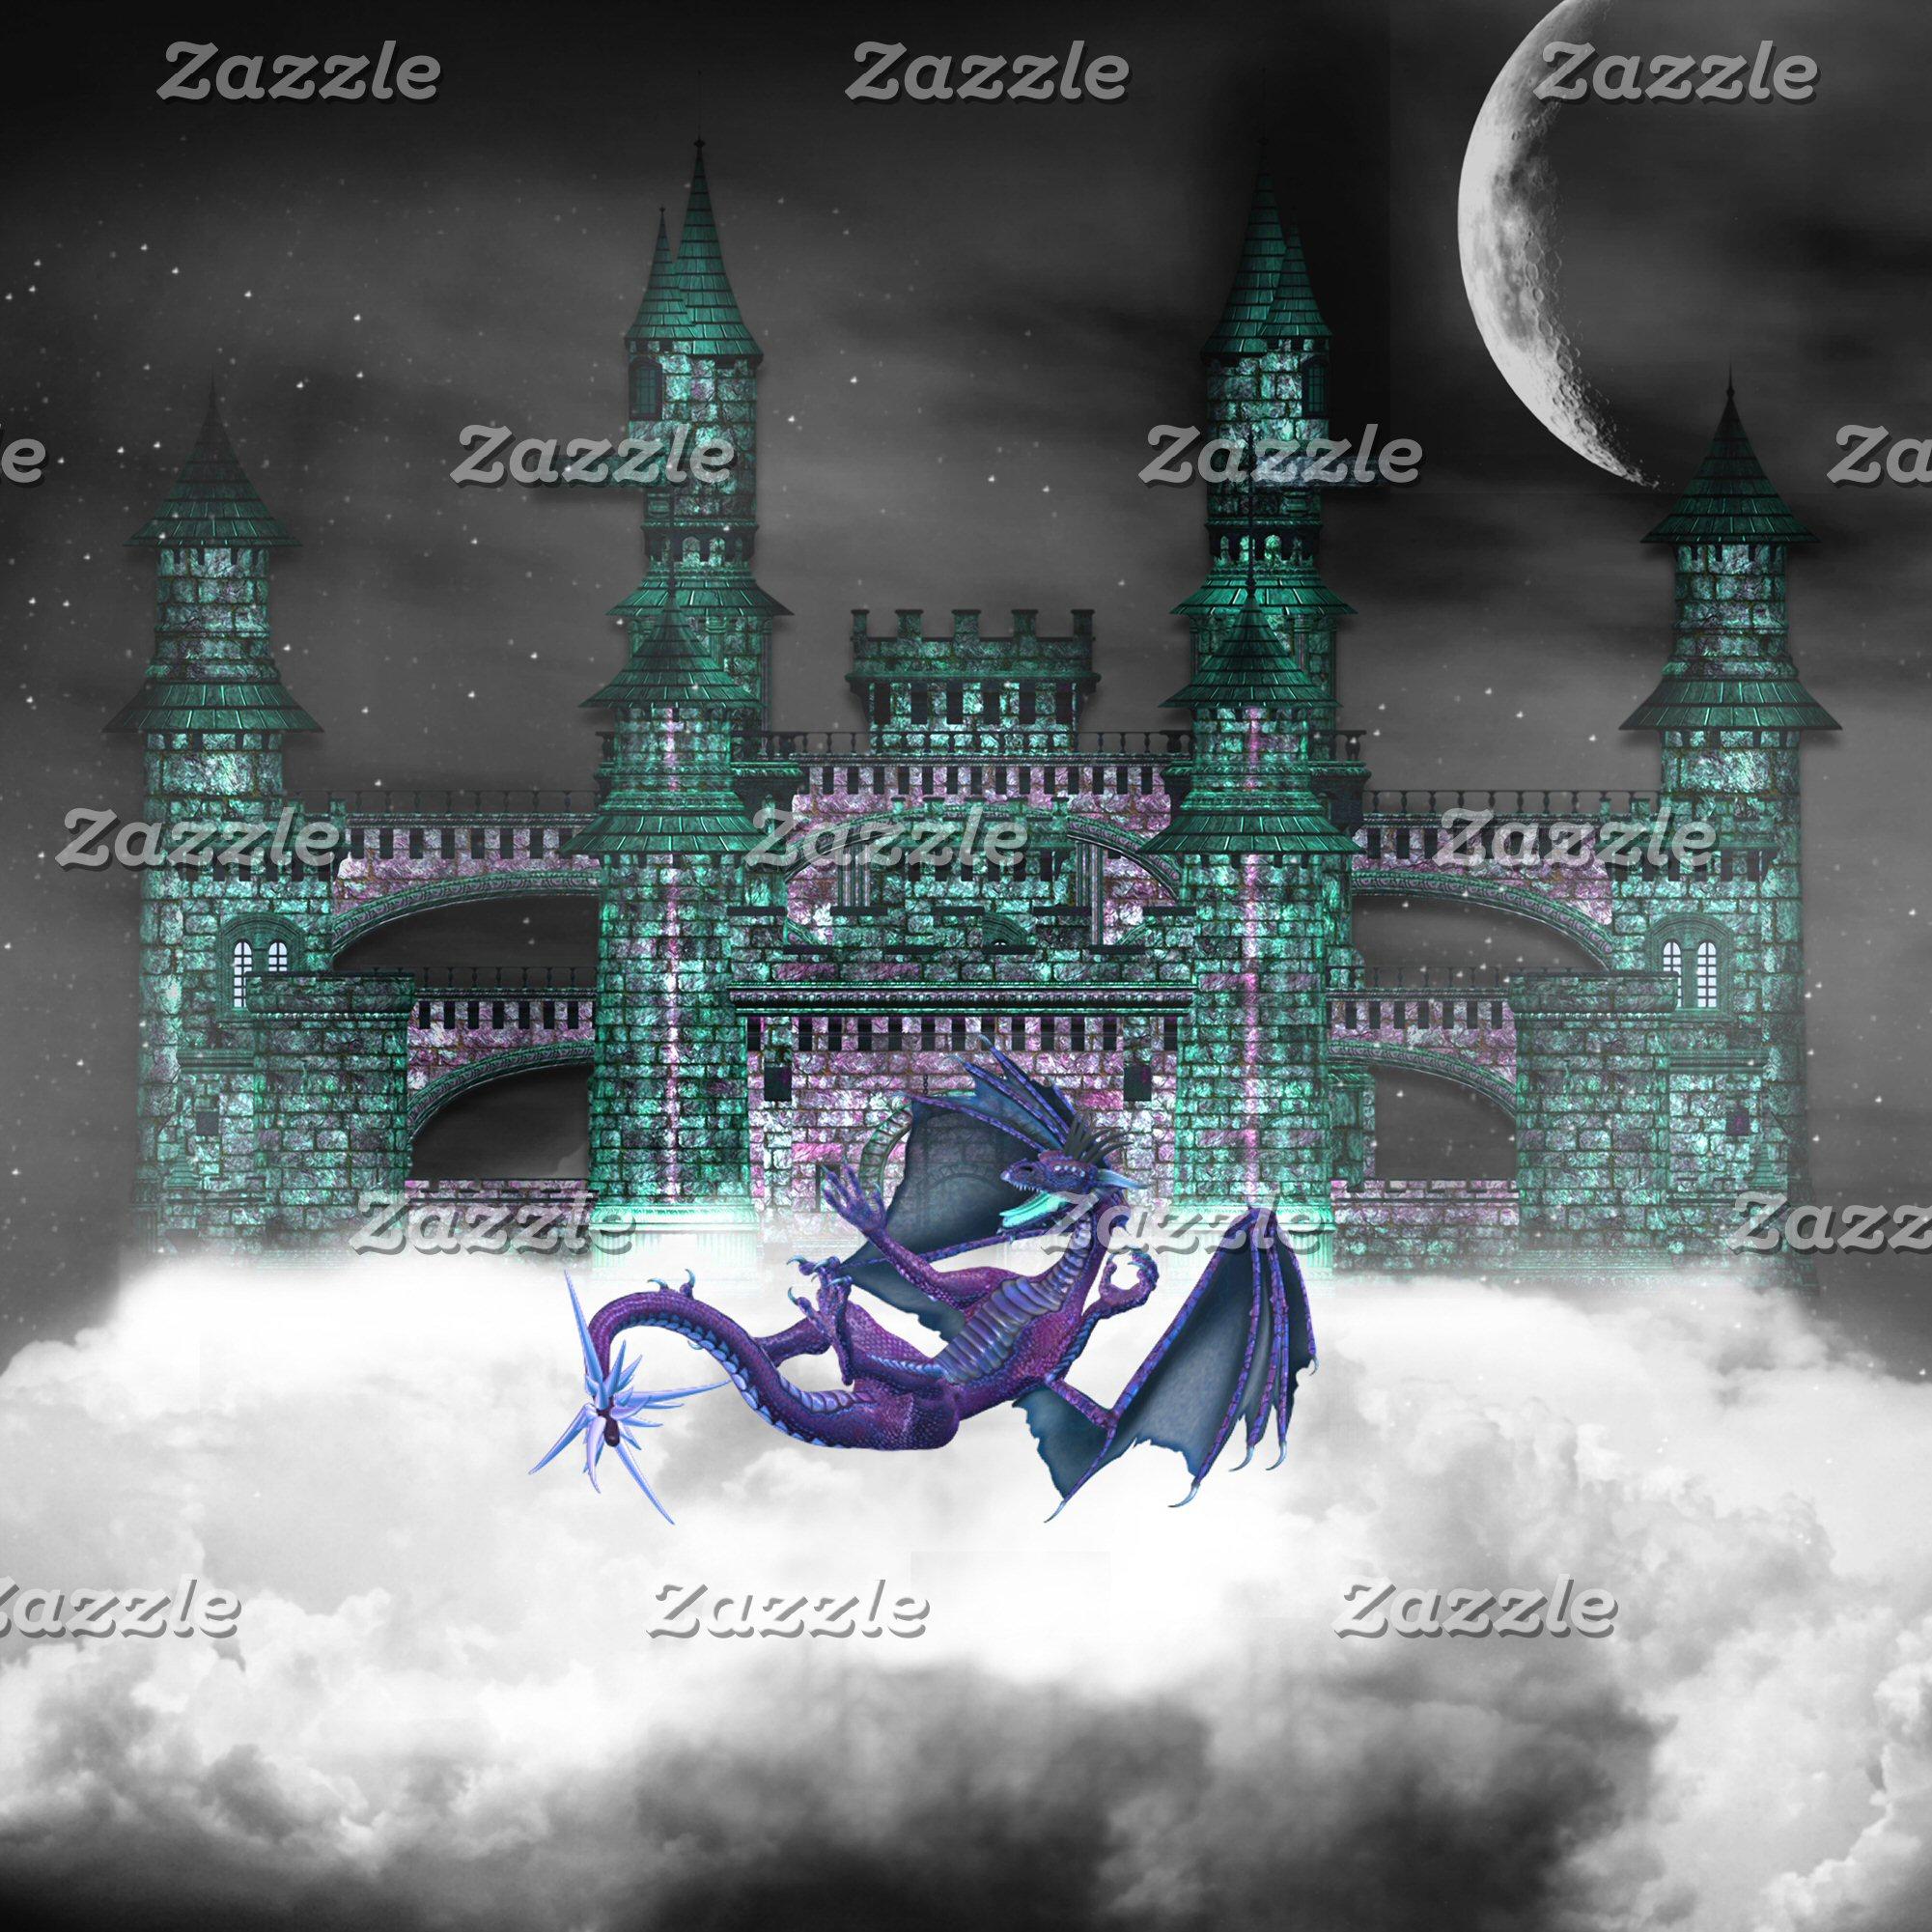 Dragon Guarding Castle